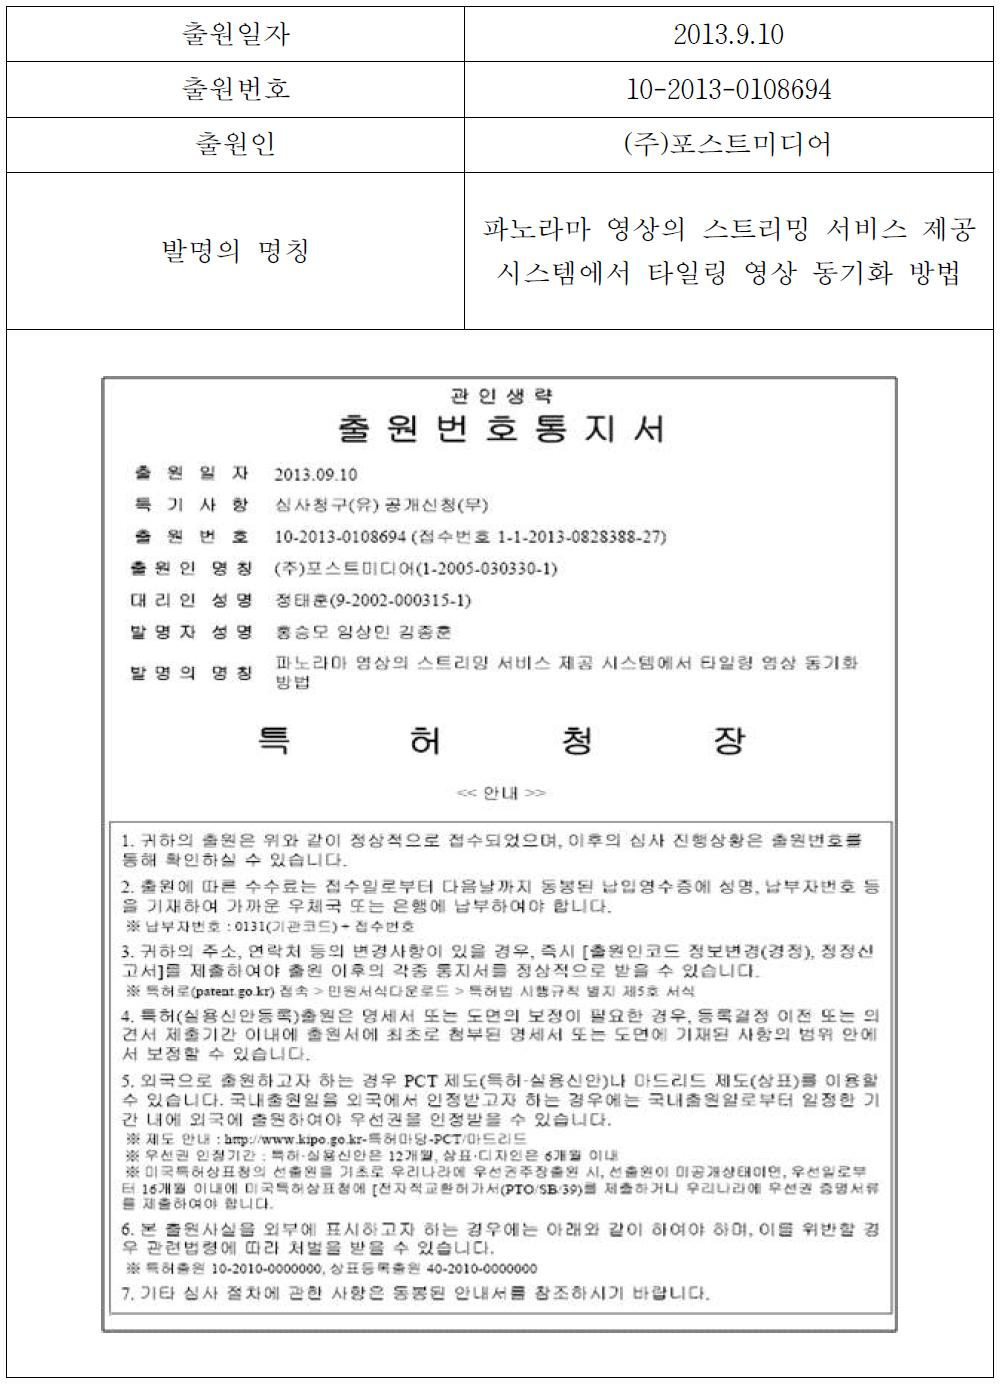 국내 출원 특허 - 1